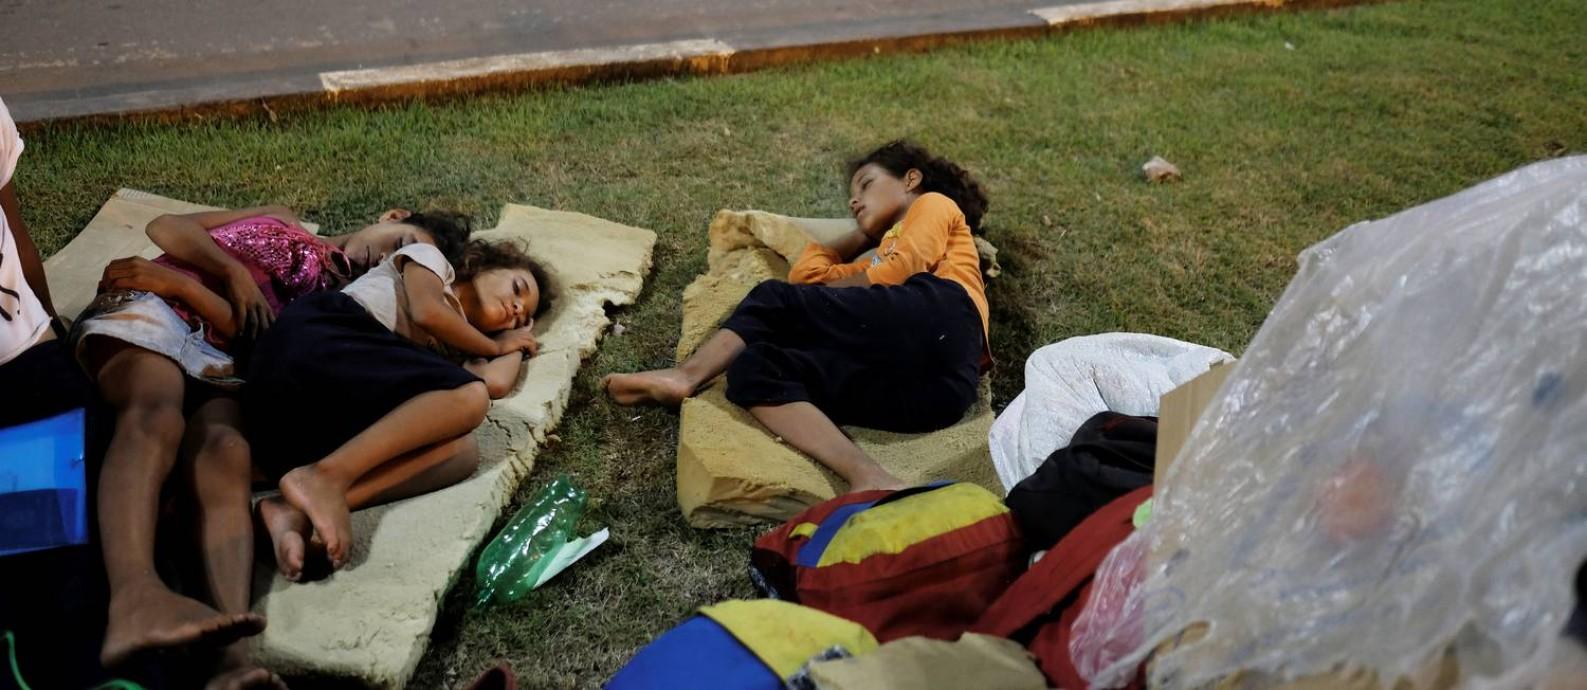 Crianças venezuelanas dormem à beira de estrada em frente à estação de ônibus de Boa Vista: fluxo de imigrantes pode aumentar com piora da crise, diz prefeita da capital de Roraima Foto: NACHO DOCE/Reuters/23-08-2018